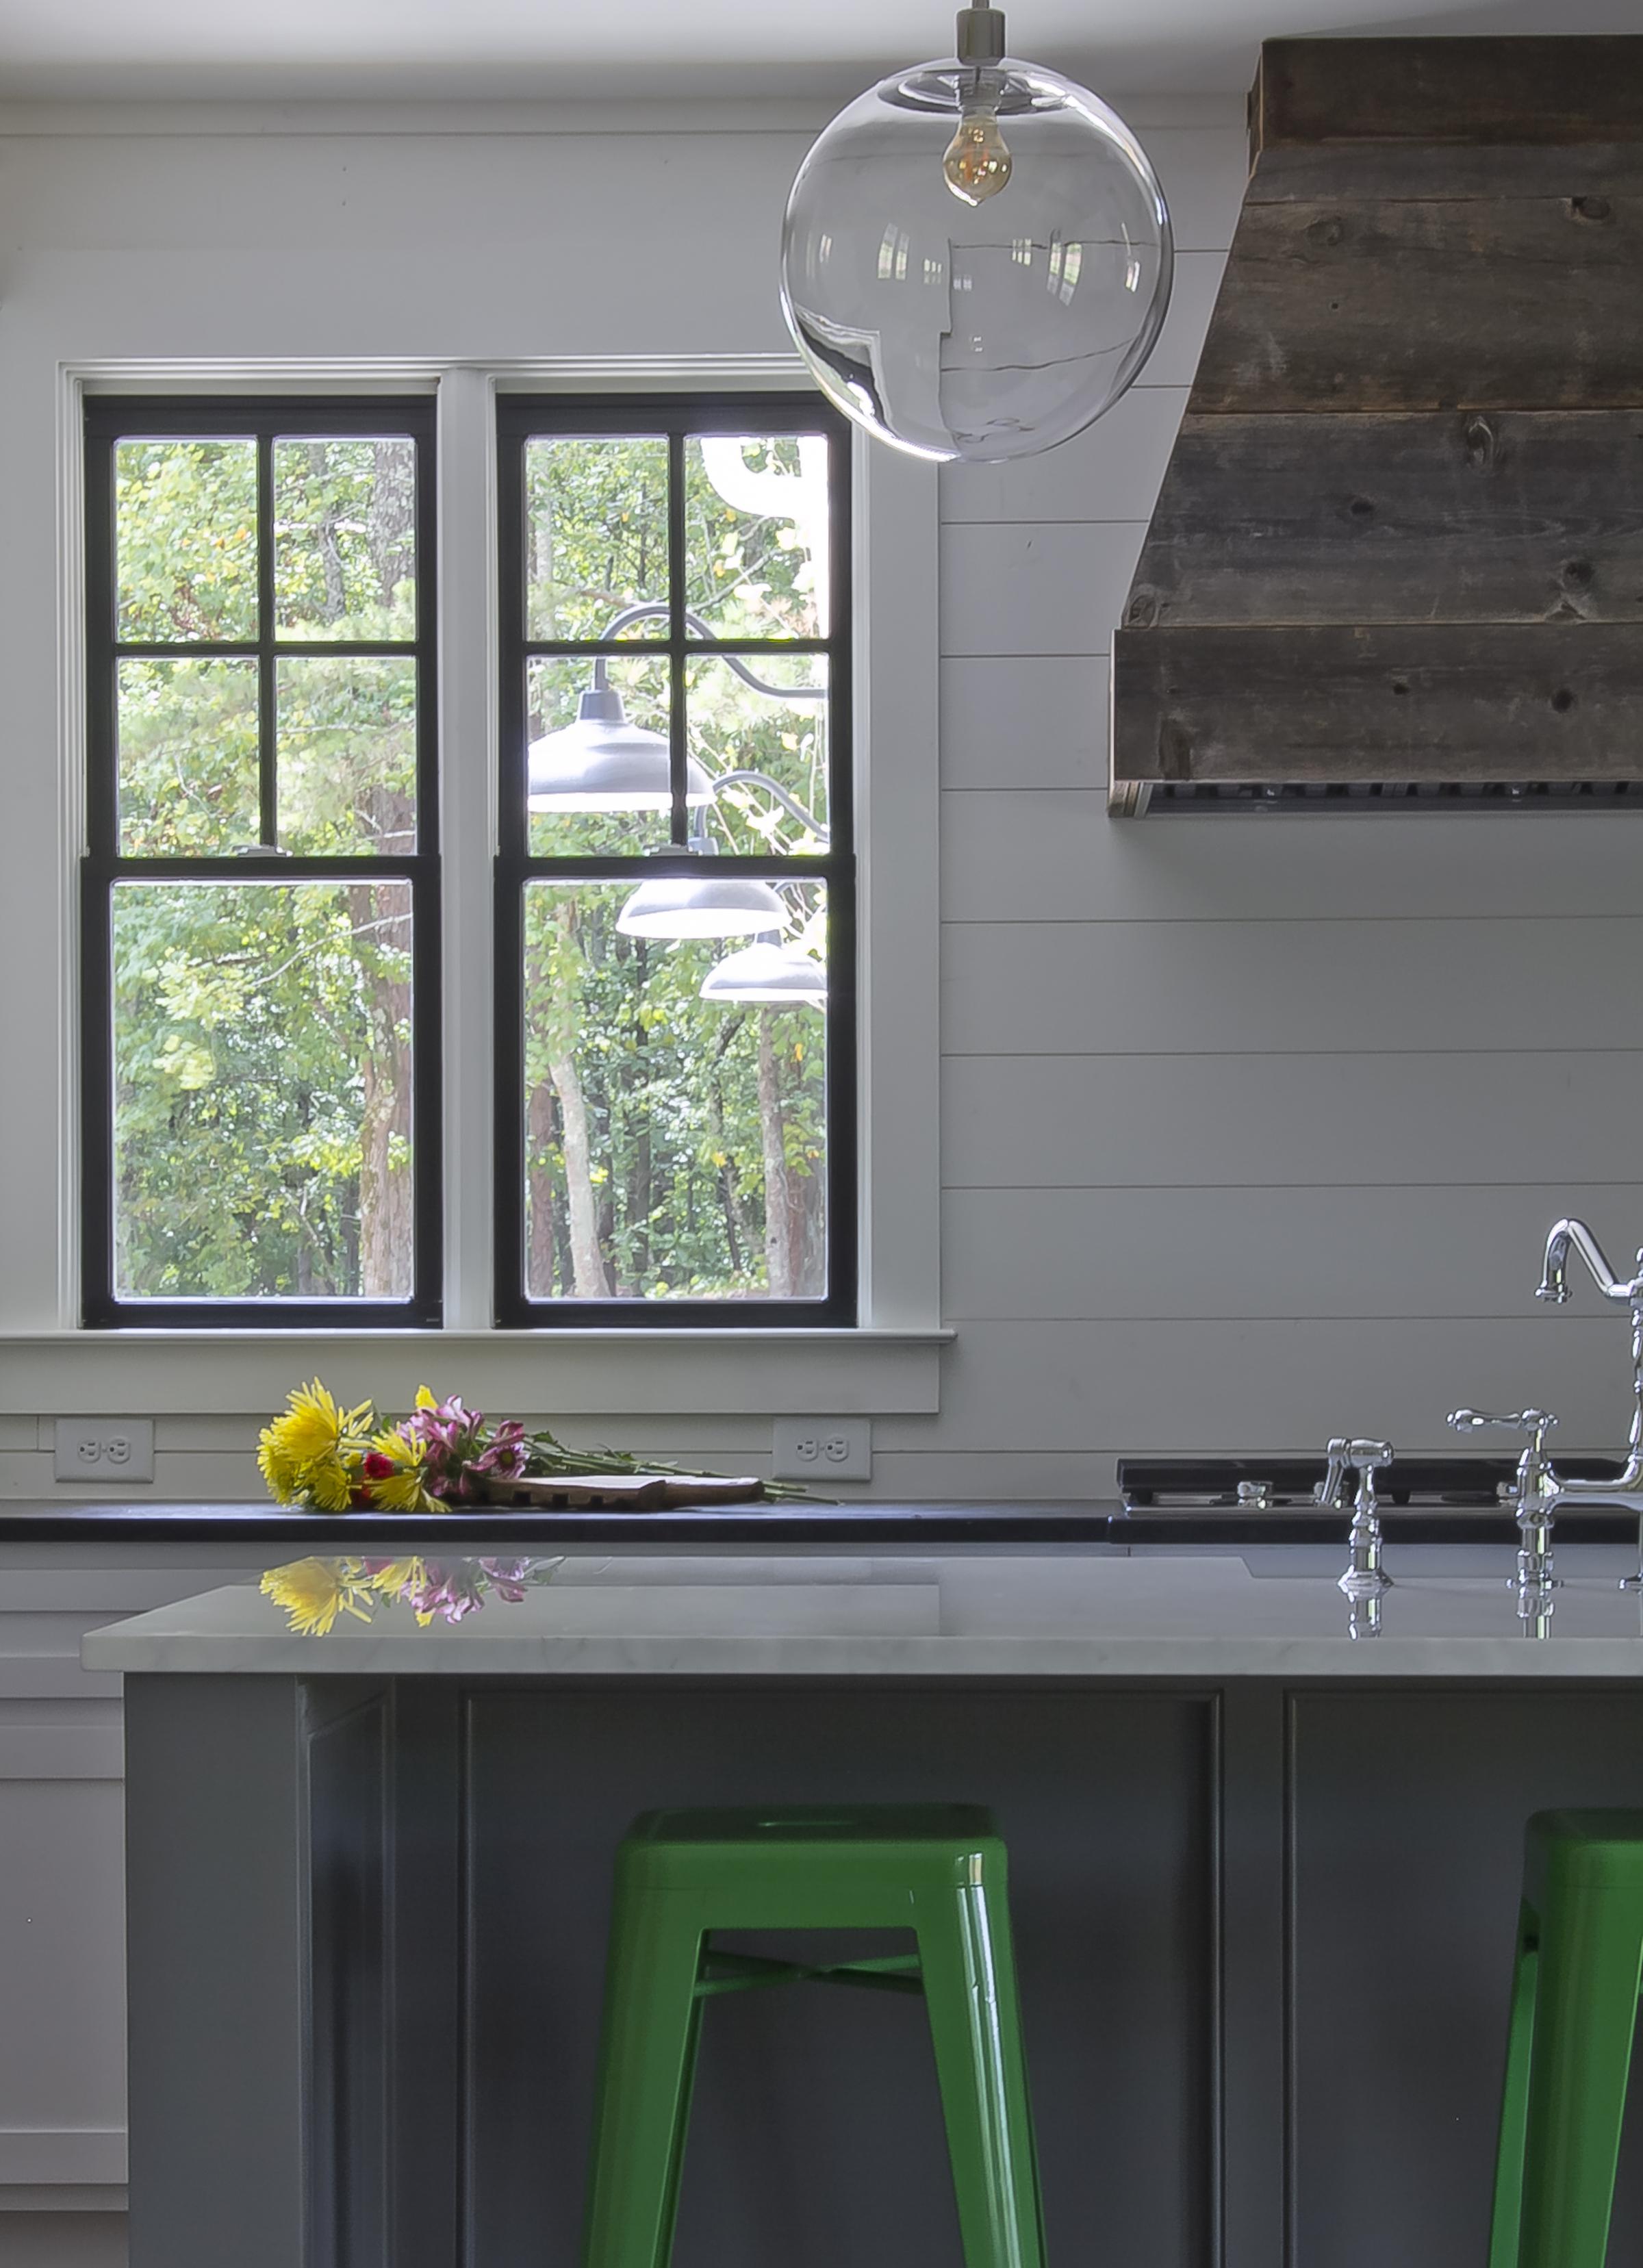 longstreet kitchen texture detail.jpg